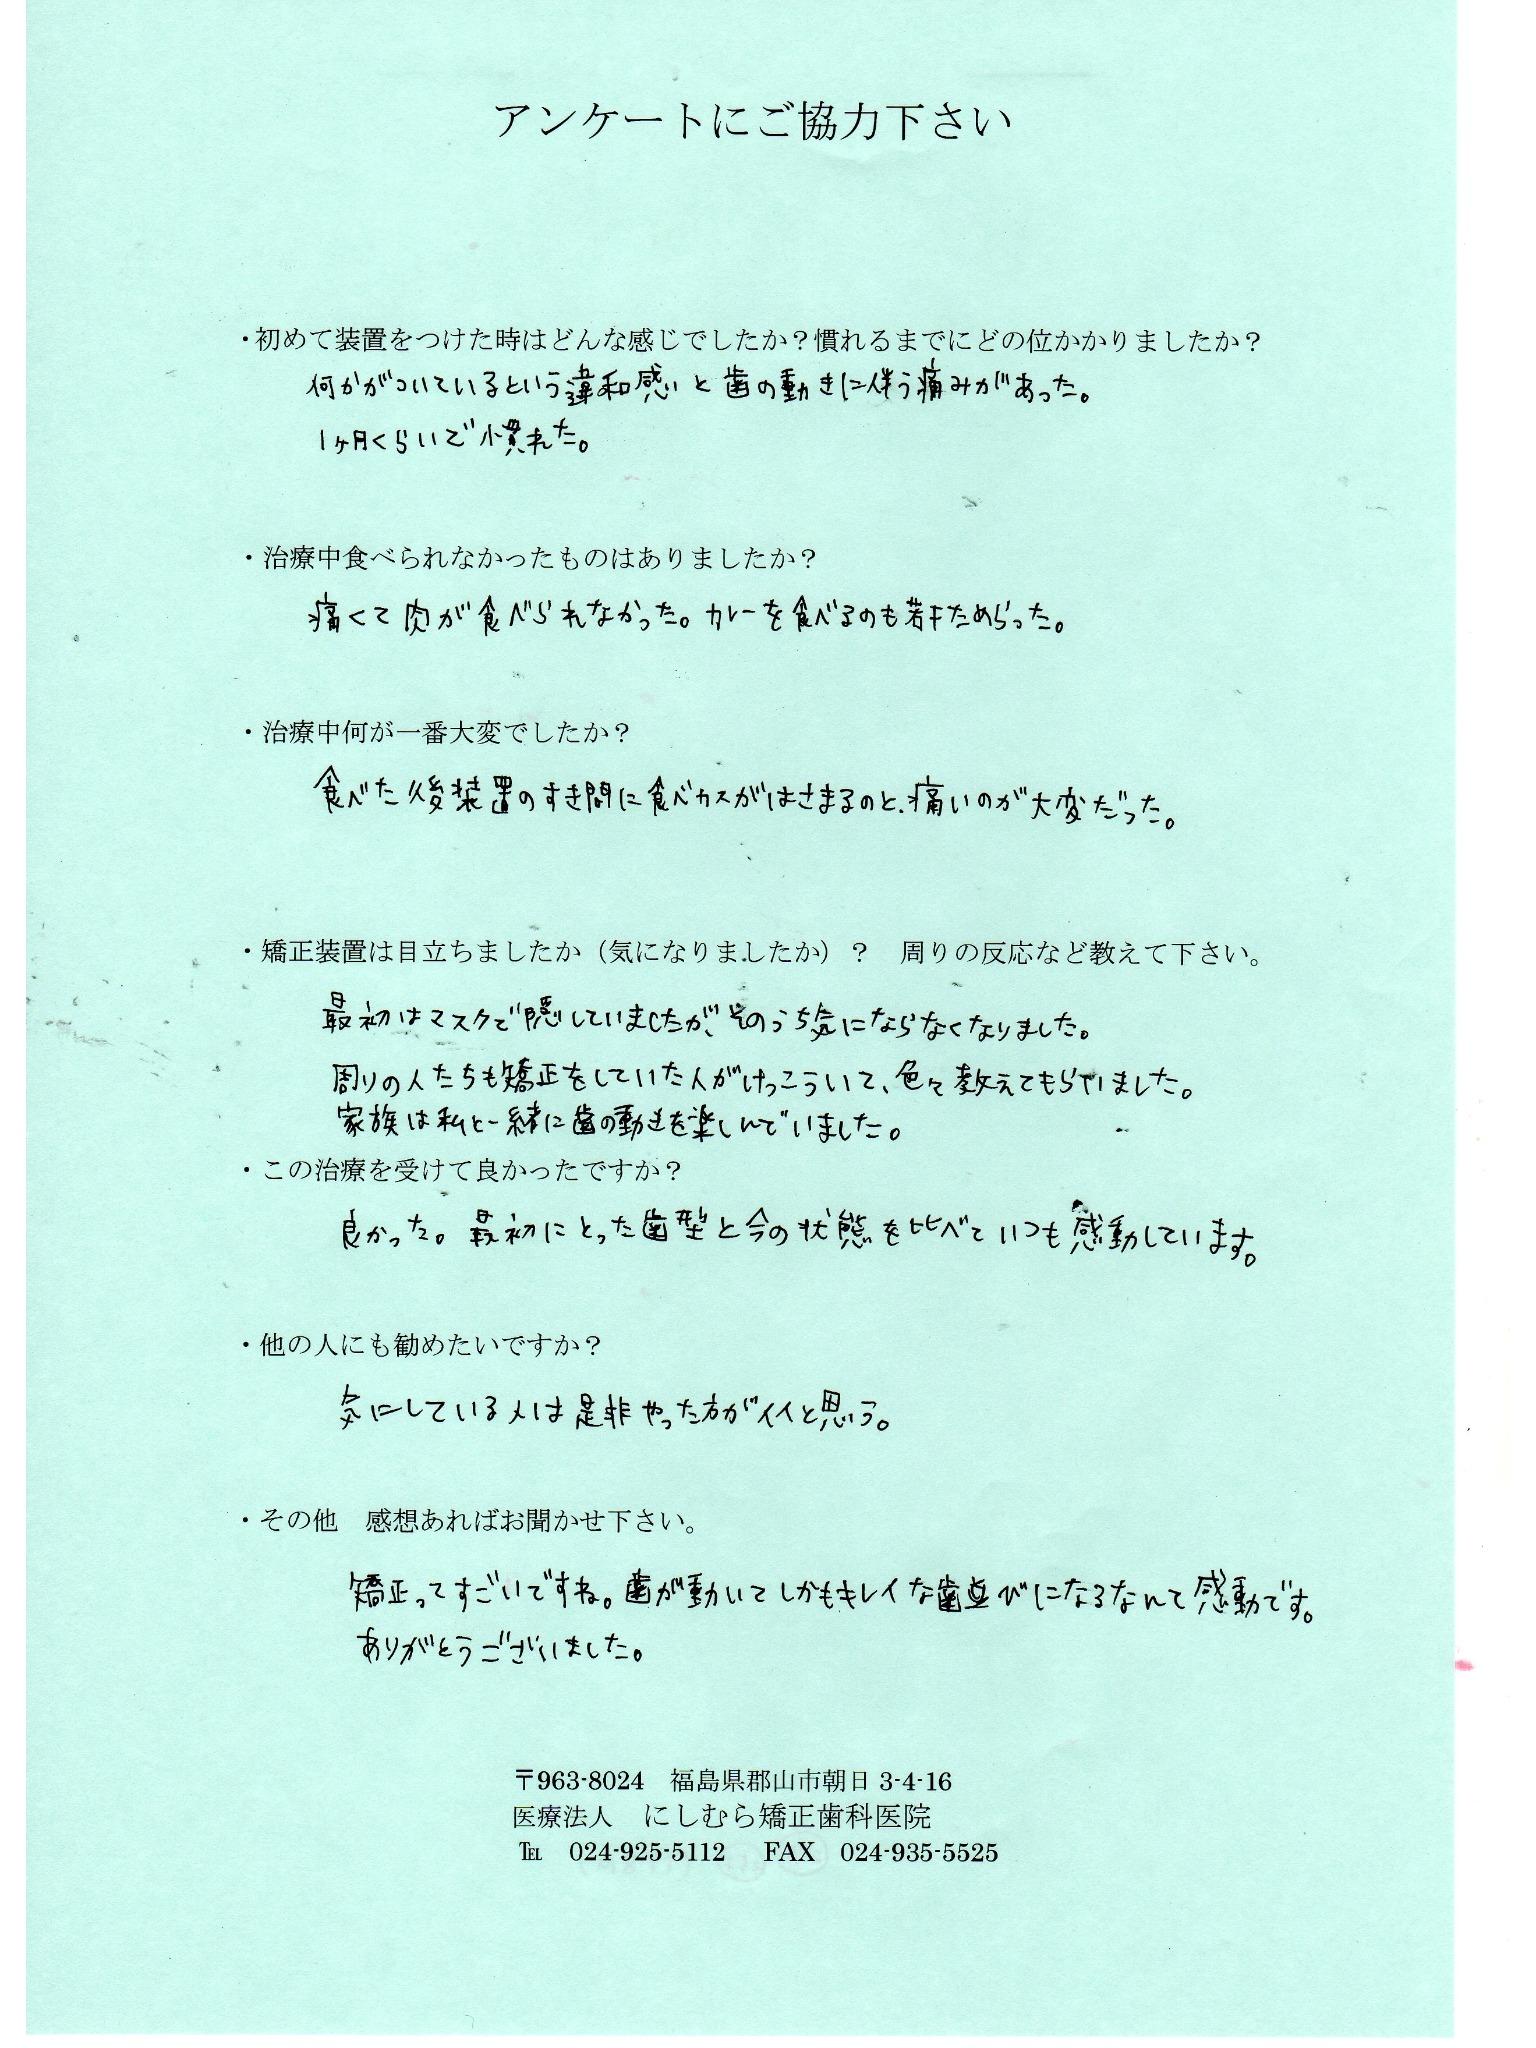 20代 患者様アンケート48